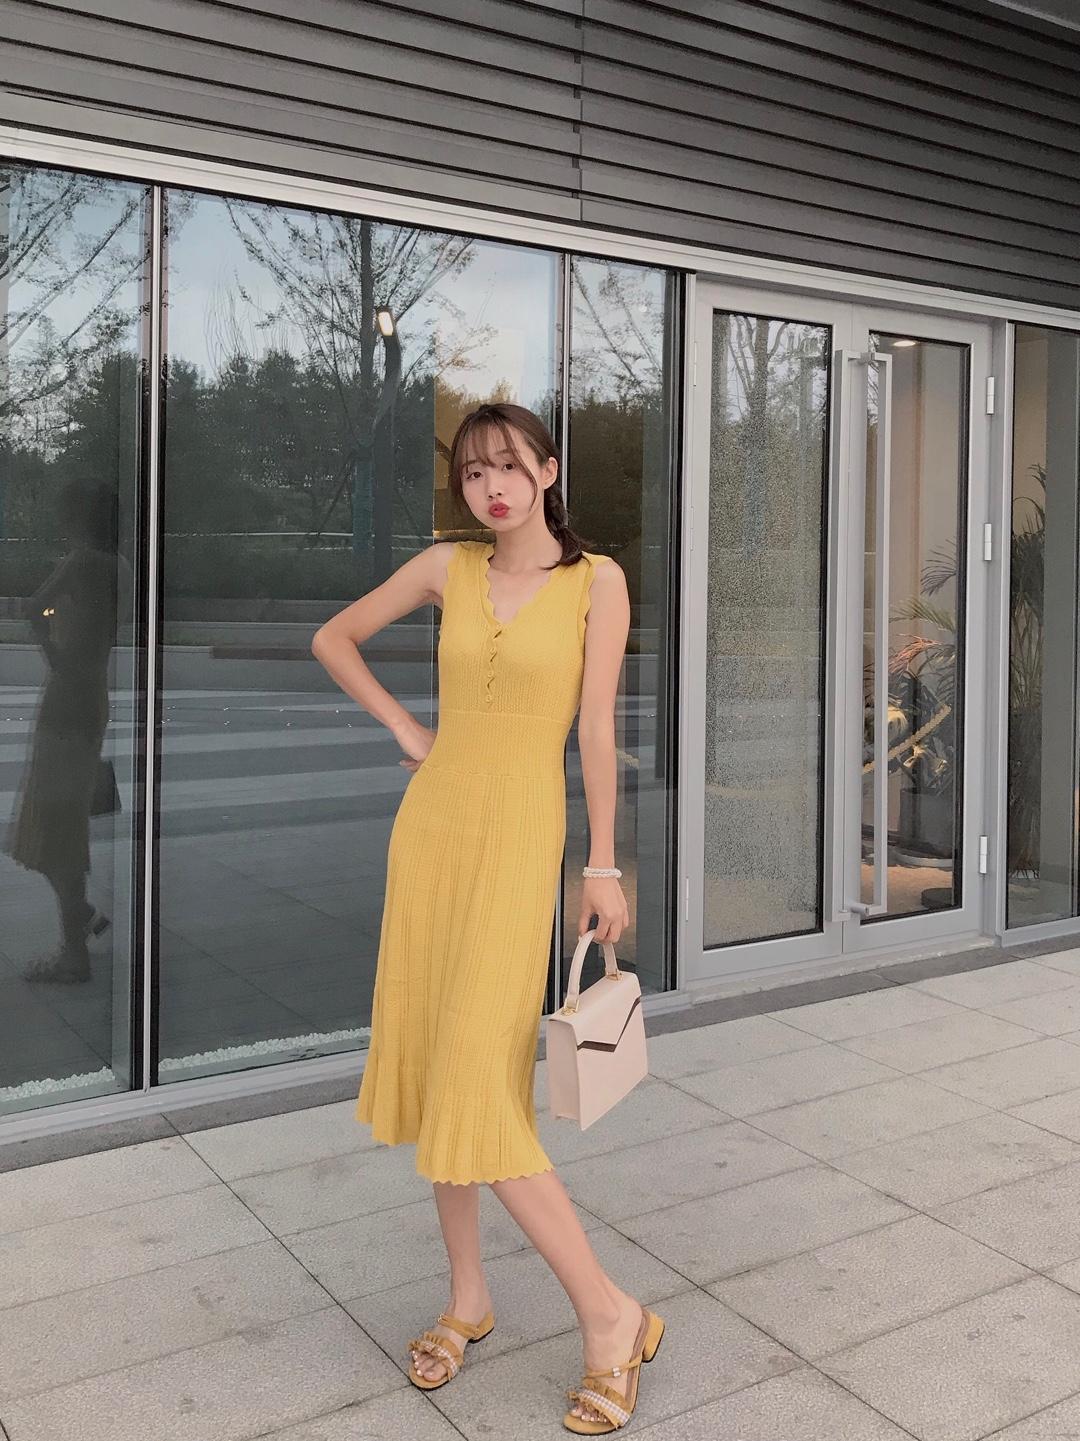 夏天我最喜欢黄色衣服 日系甜美feel针织连衣裙SnidelV领波浪设计比较修身针织裙。 不得不推荐针织连衣裙呐。面料超柔软上身很舒适,浅黄色真的显白,随便搭配半拖鞋都好好看哦~ #鉴婊测试在手,斩男穿搭我有!#